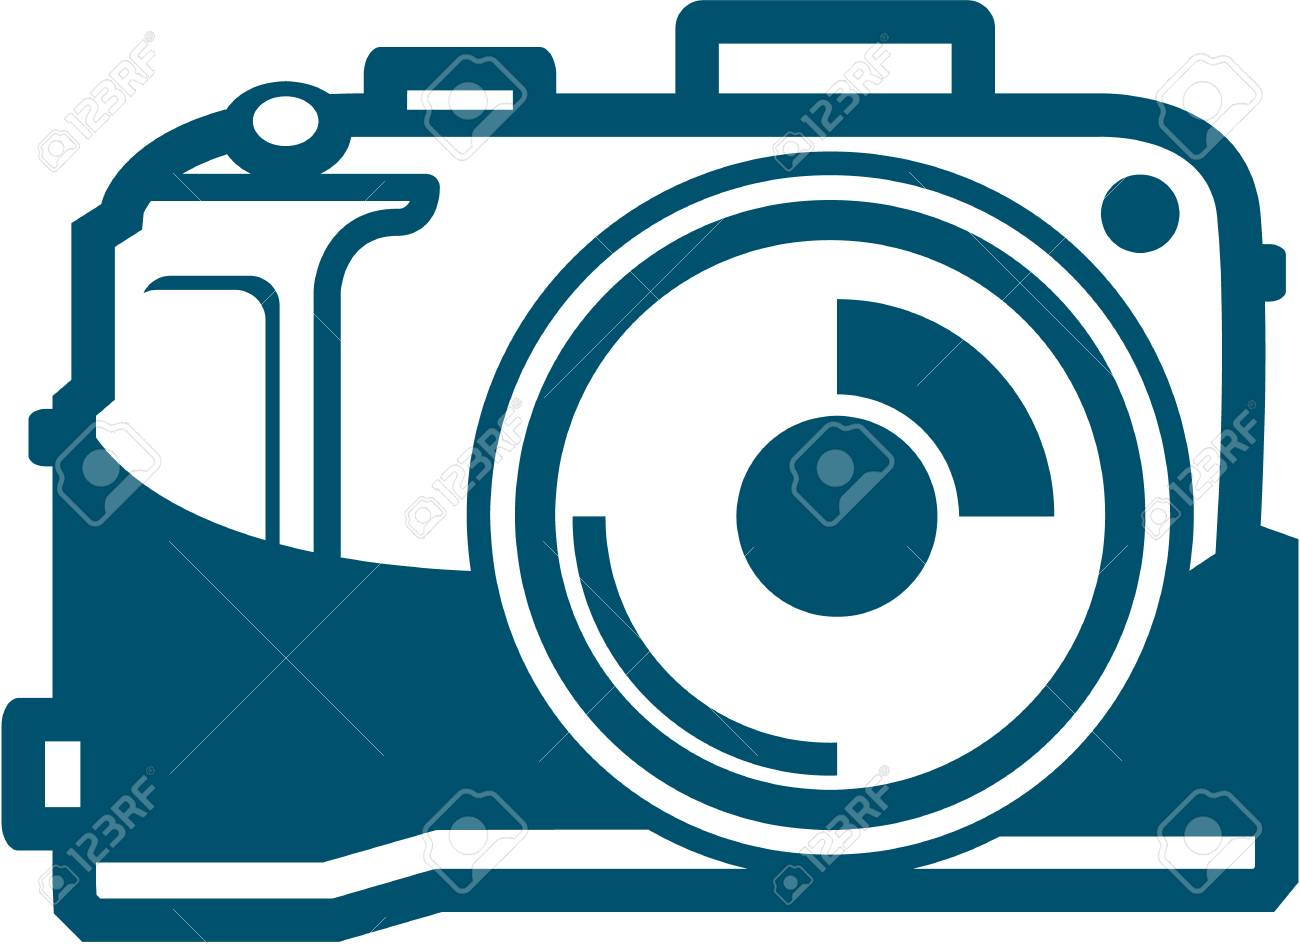 Clipart Photo Appareil Photo Unite Vector Illustration Clip Art Libres De Droits Vecteurs Et Illustration Image 69650832